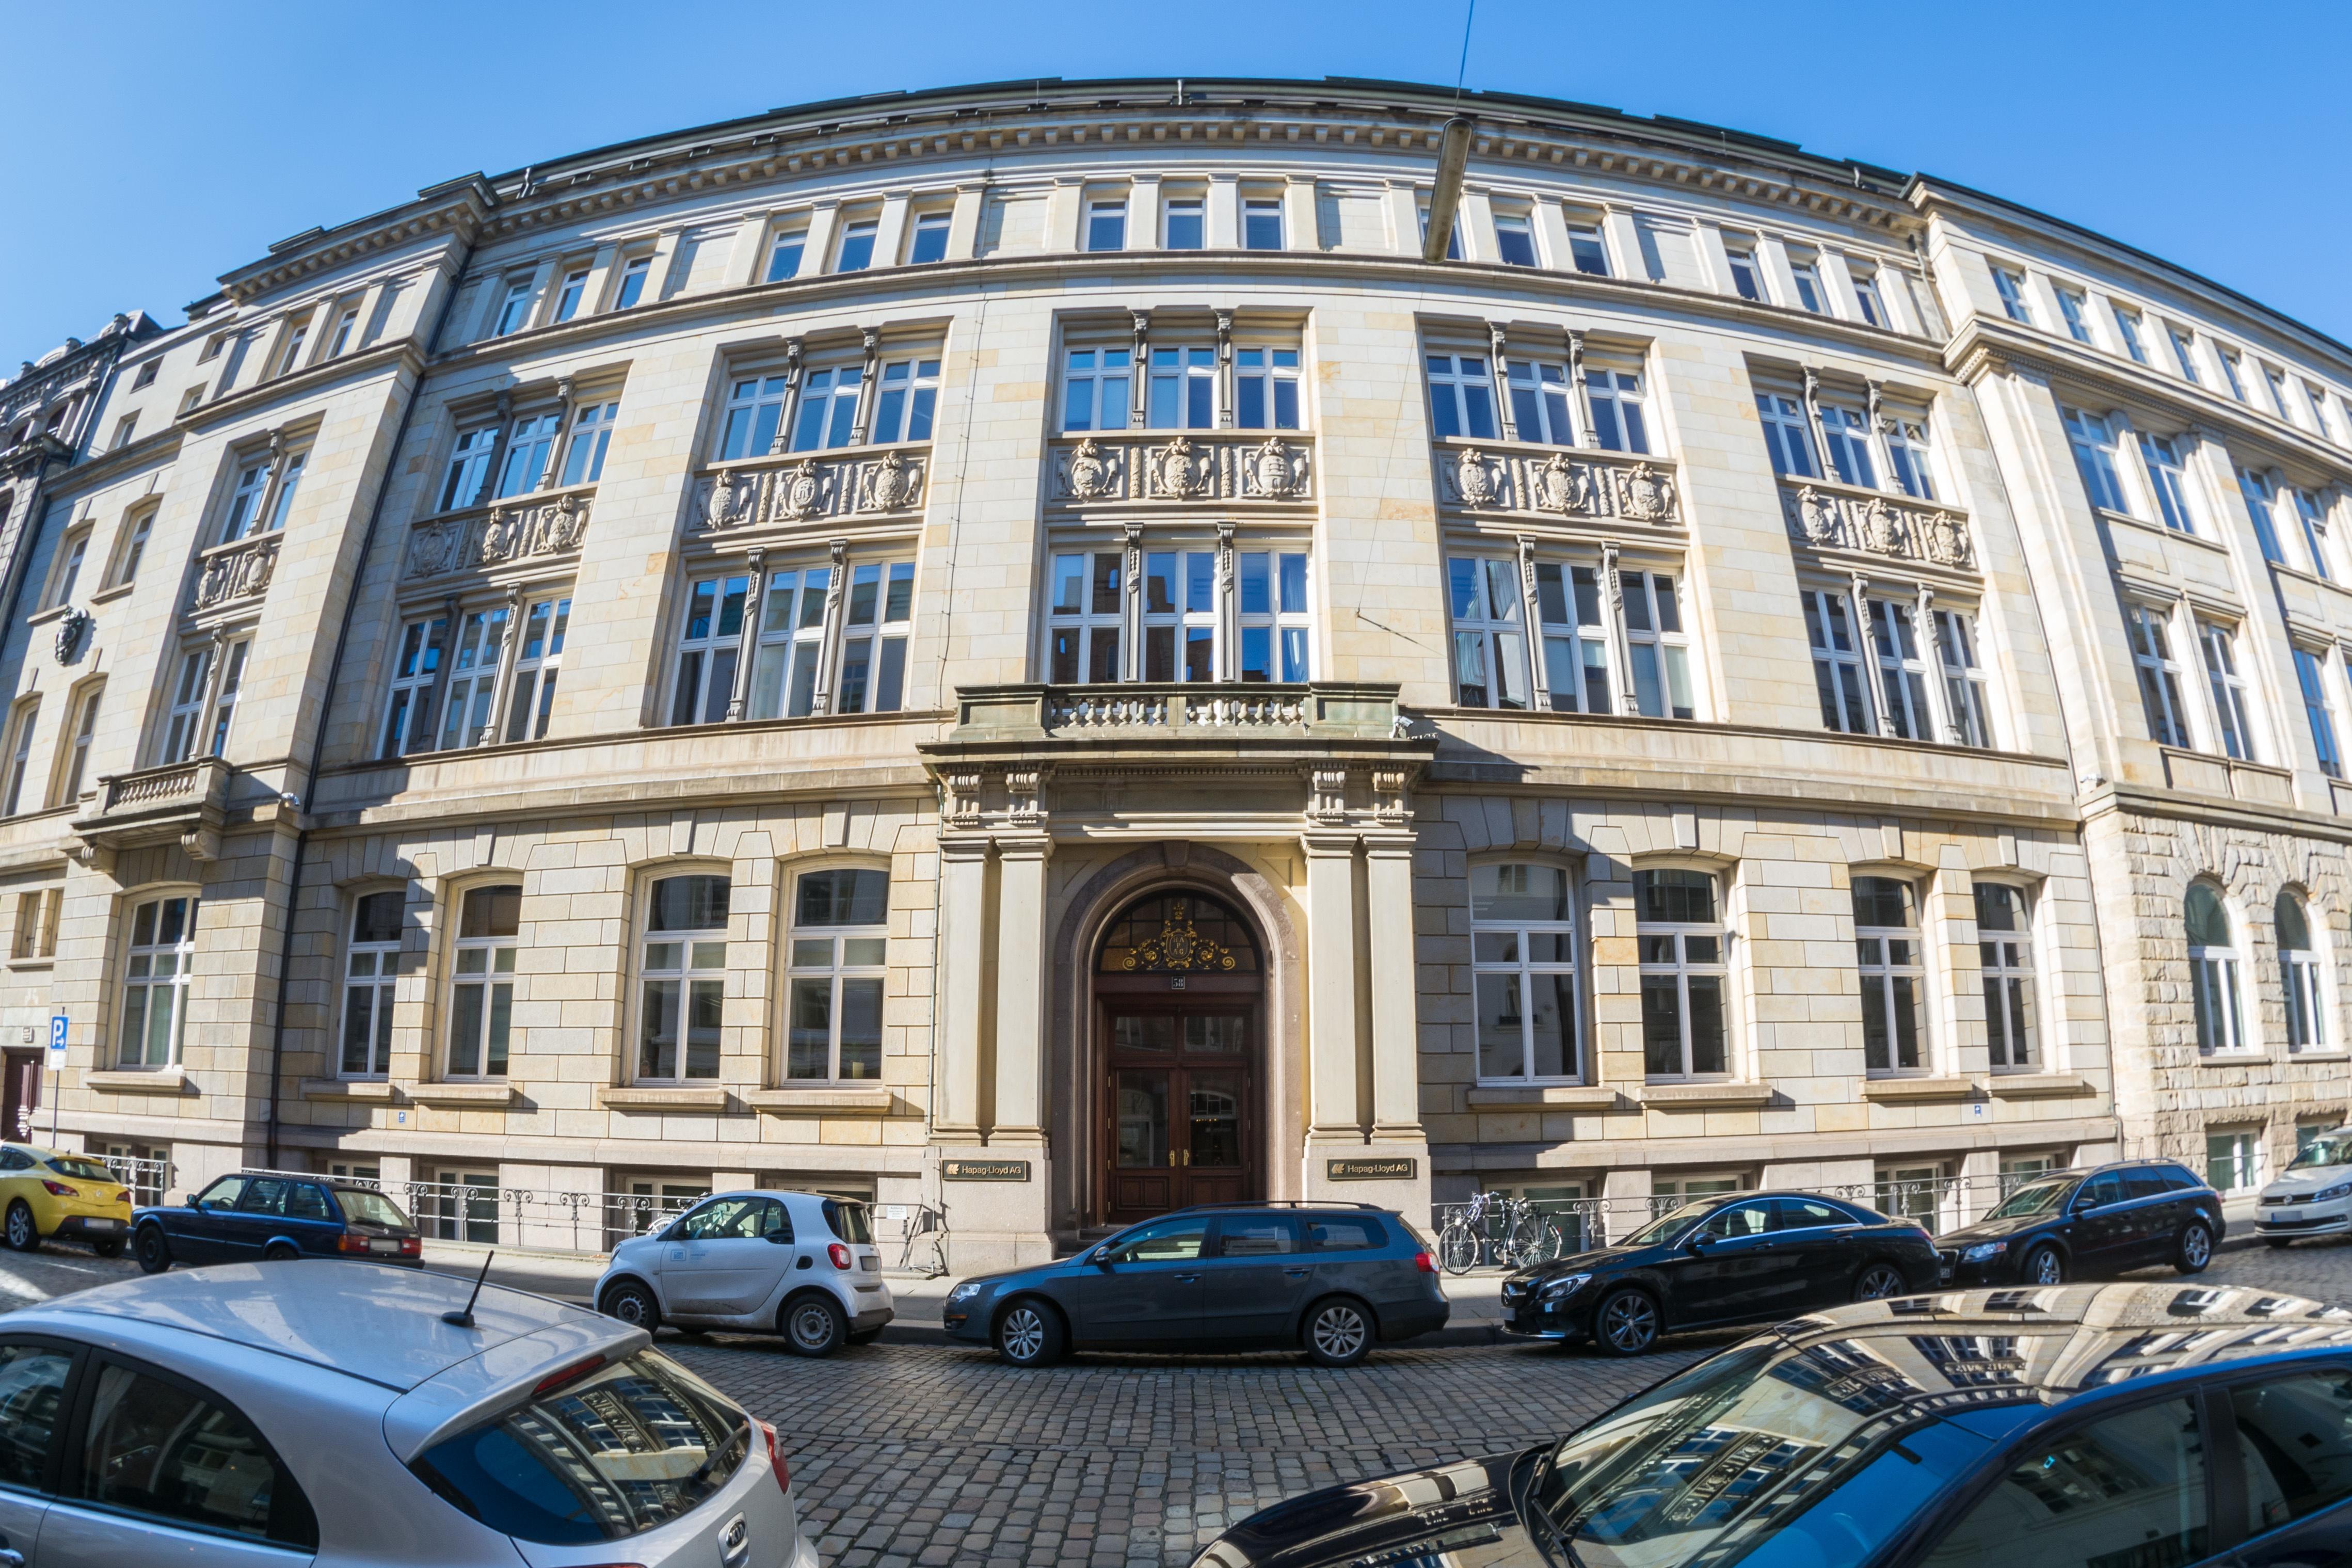 Filehapag Lloyd Haus Hamburg Altstadtferdinandstraße 58fassade